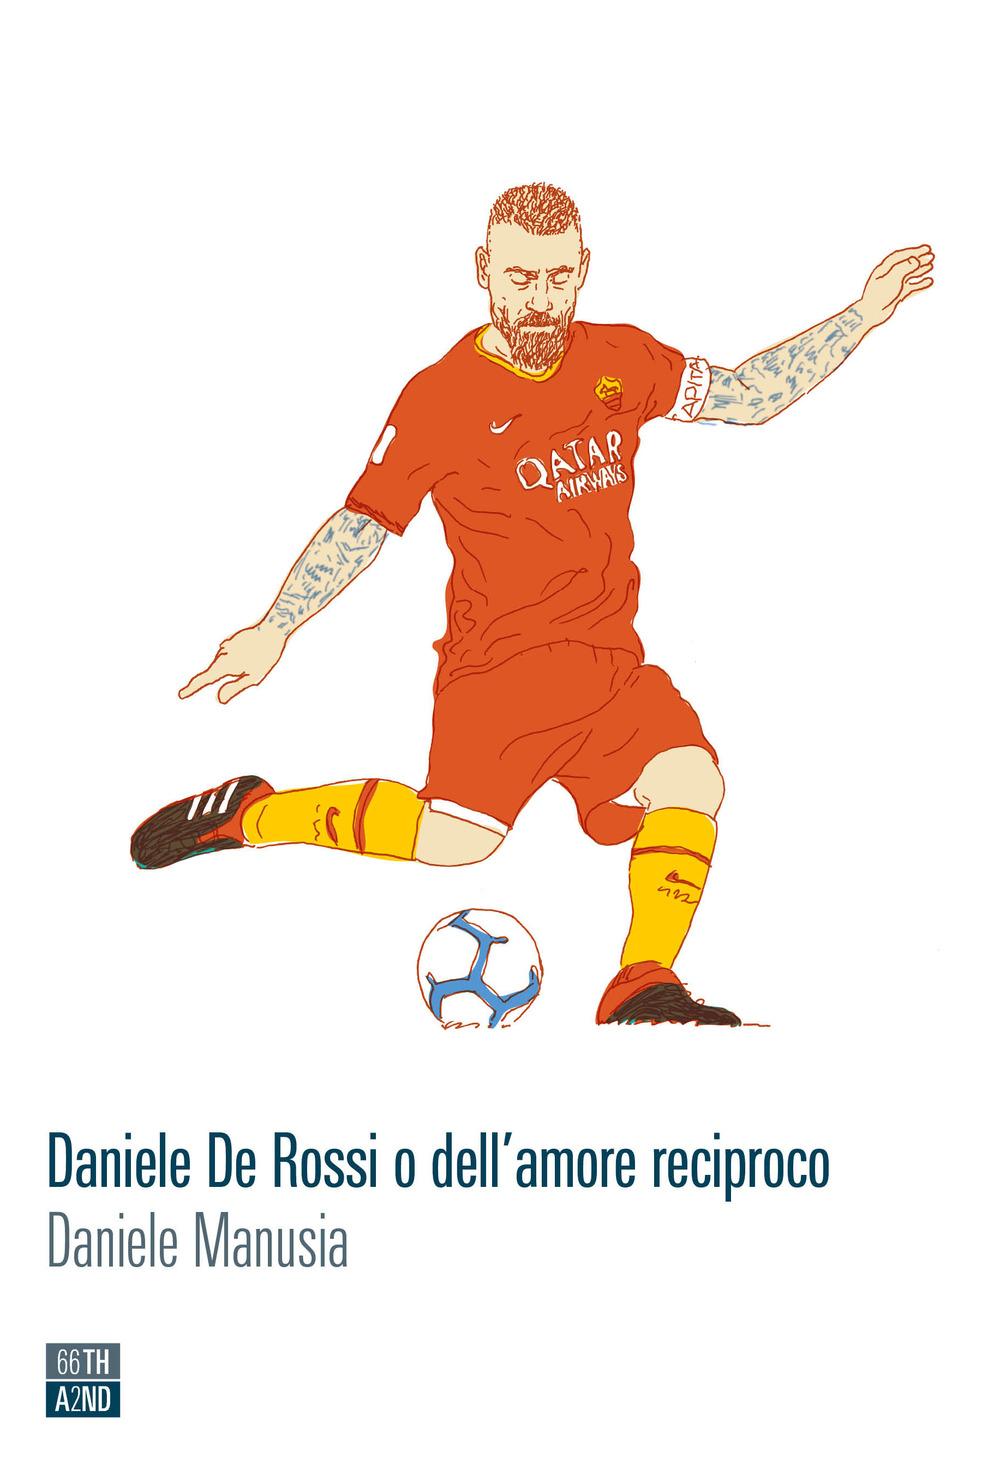 Daniele De Rossi o dell'amore reciproco